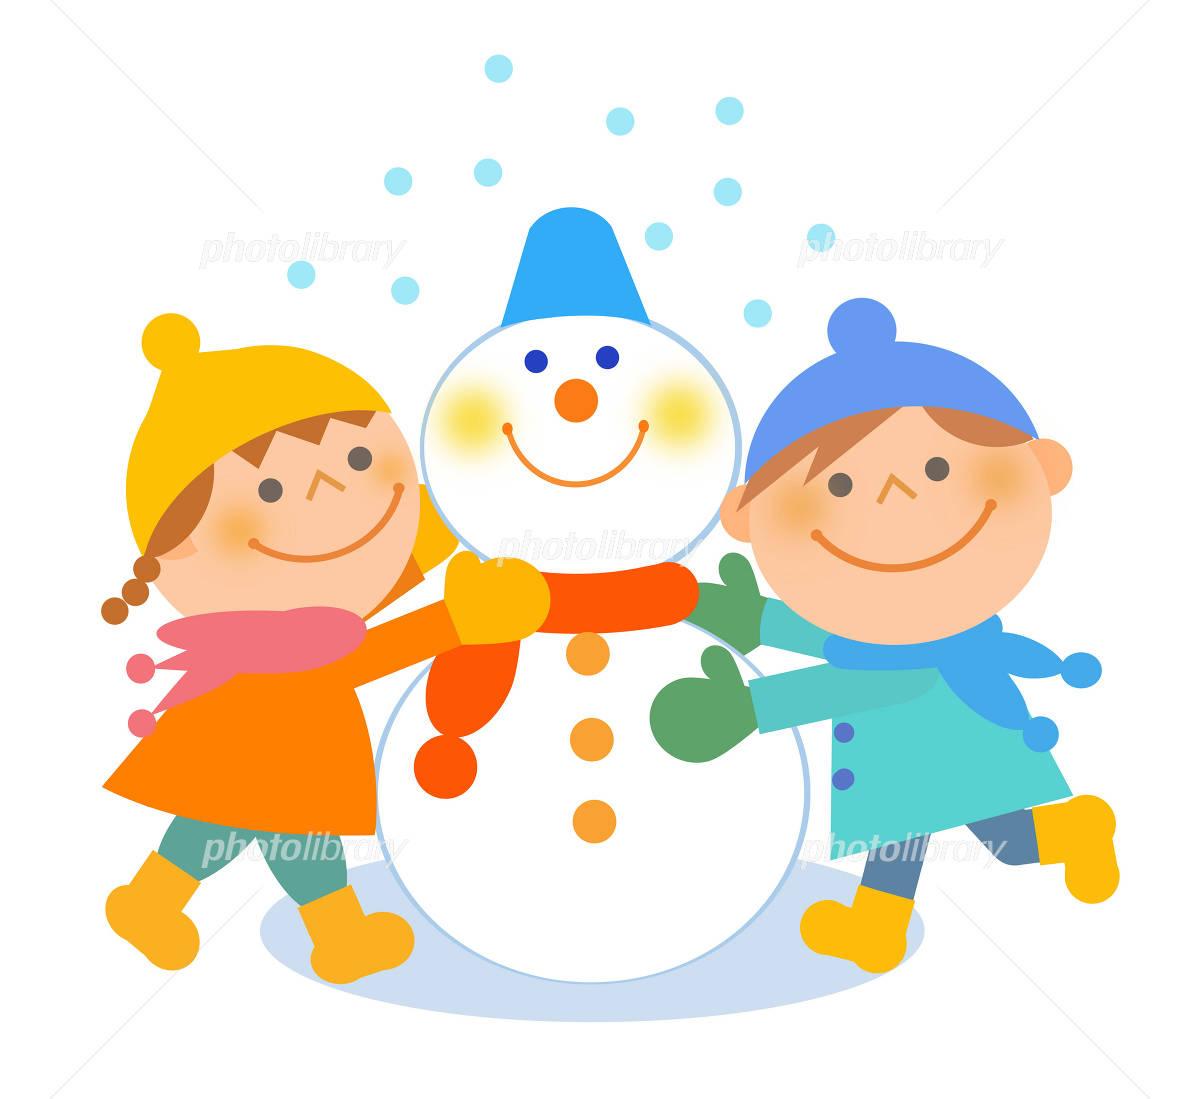 イラスト素材幼稚園町内会の冬のお知らせに使えるかわいい絵が大集合